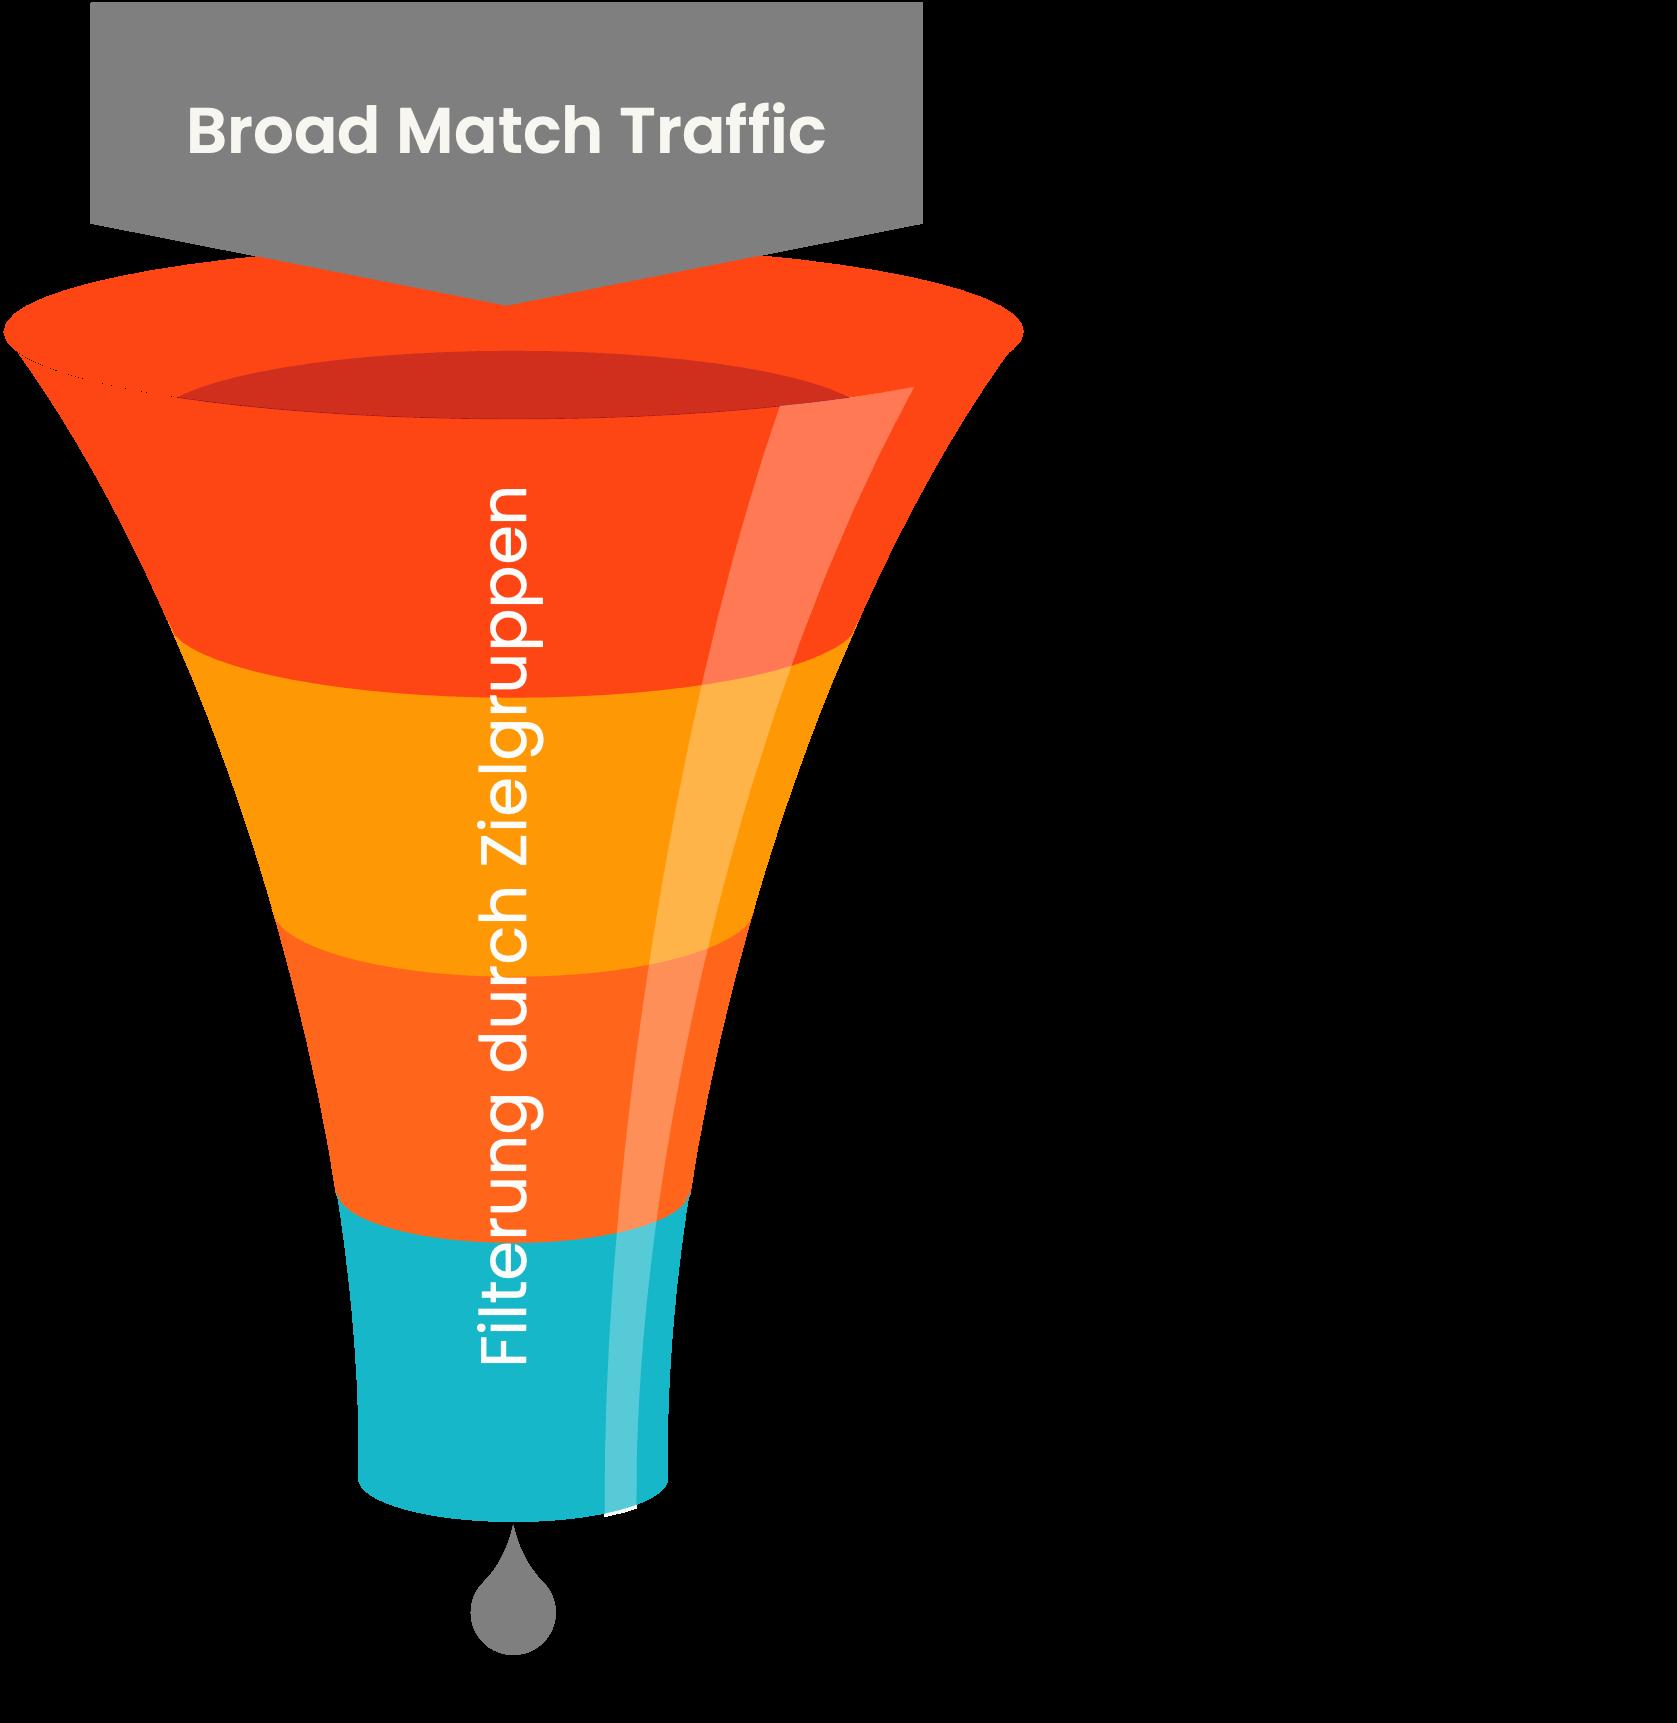 Die Zielgruppen filtern den Traffic, der durch den Funnel fließt.